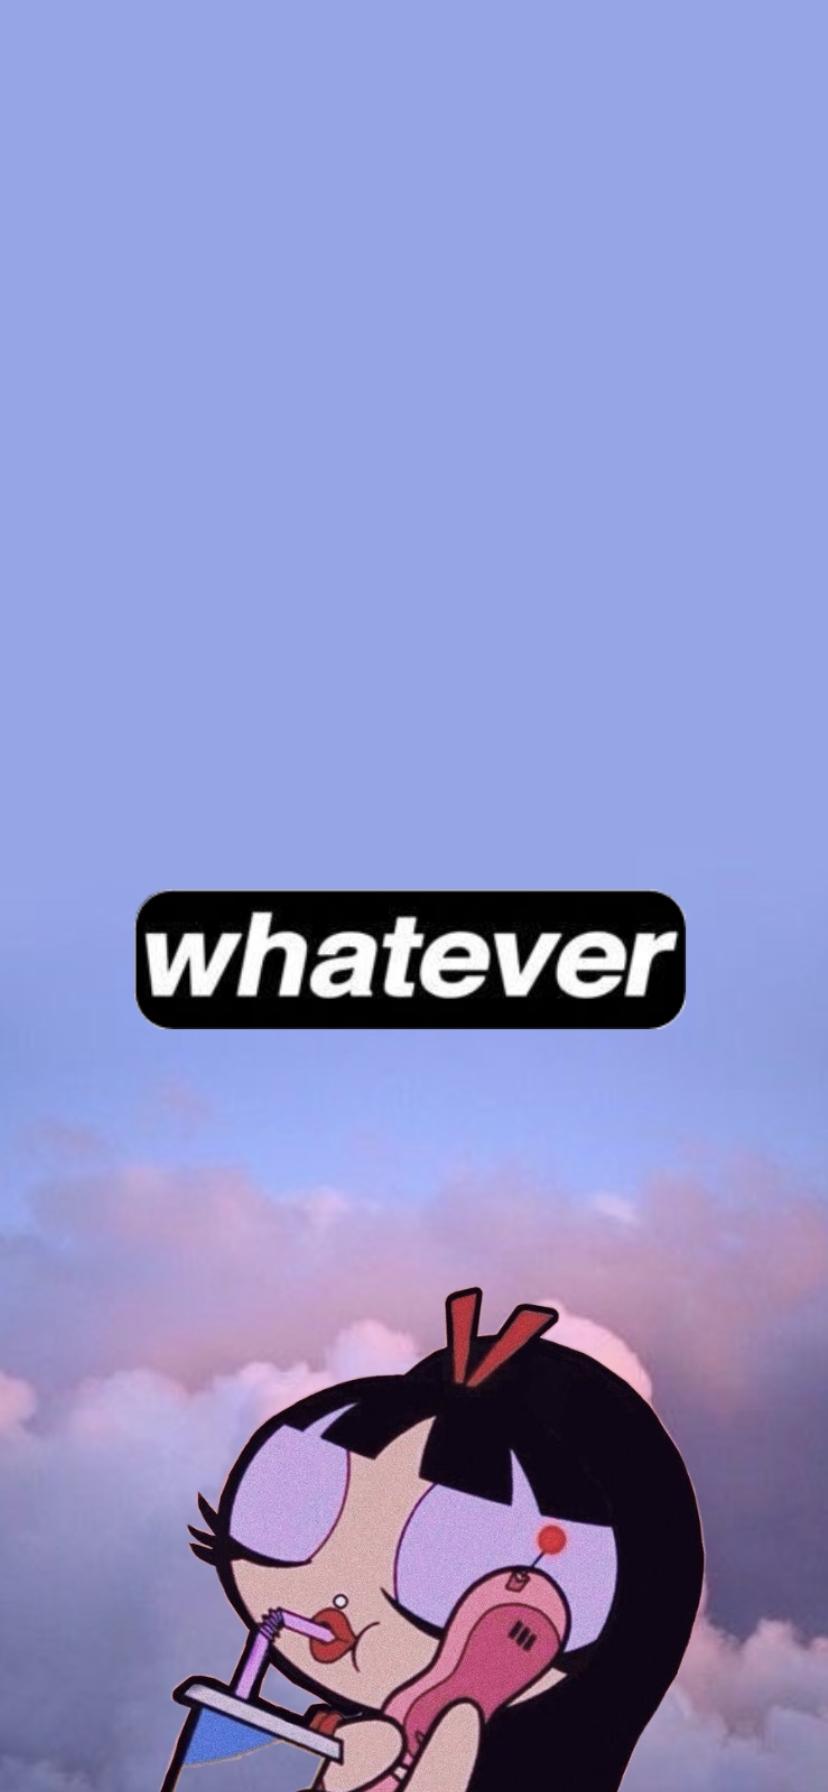 whatever xr wallpaper iphone xr wallpaper xr wallpaper